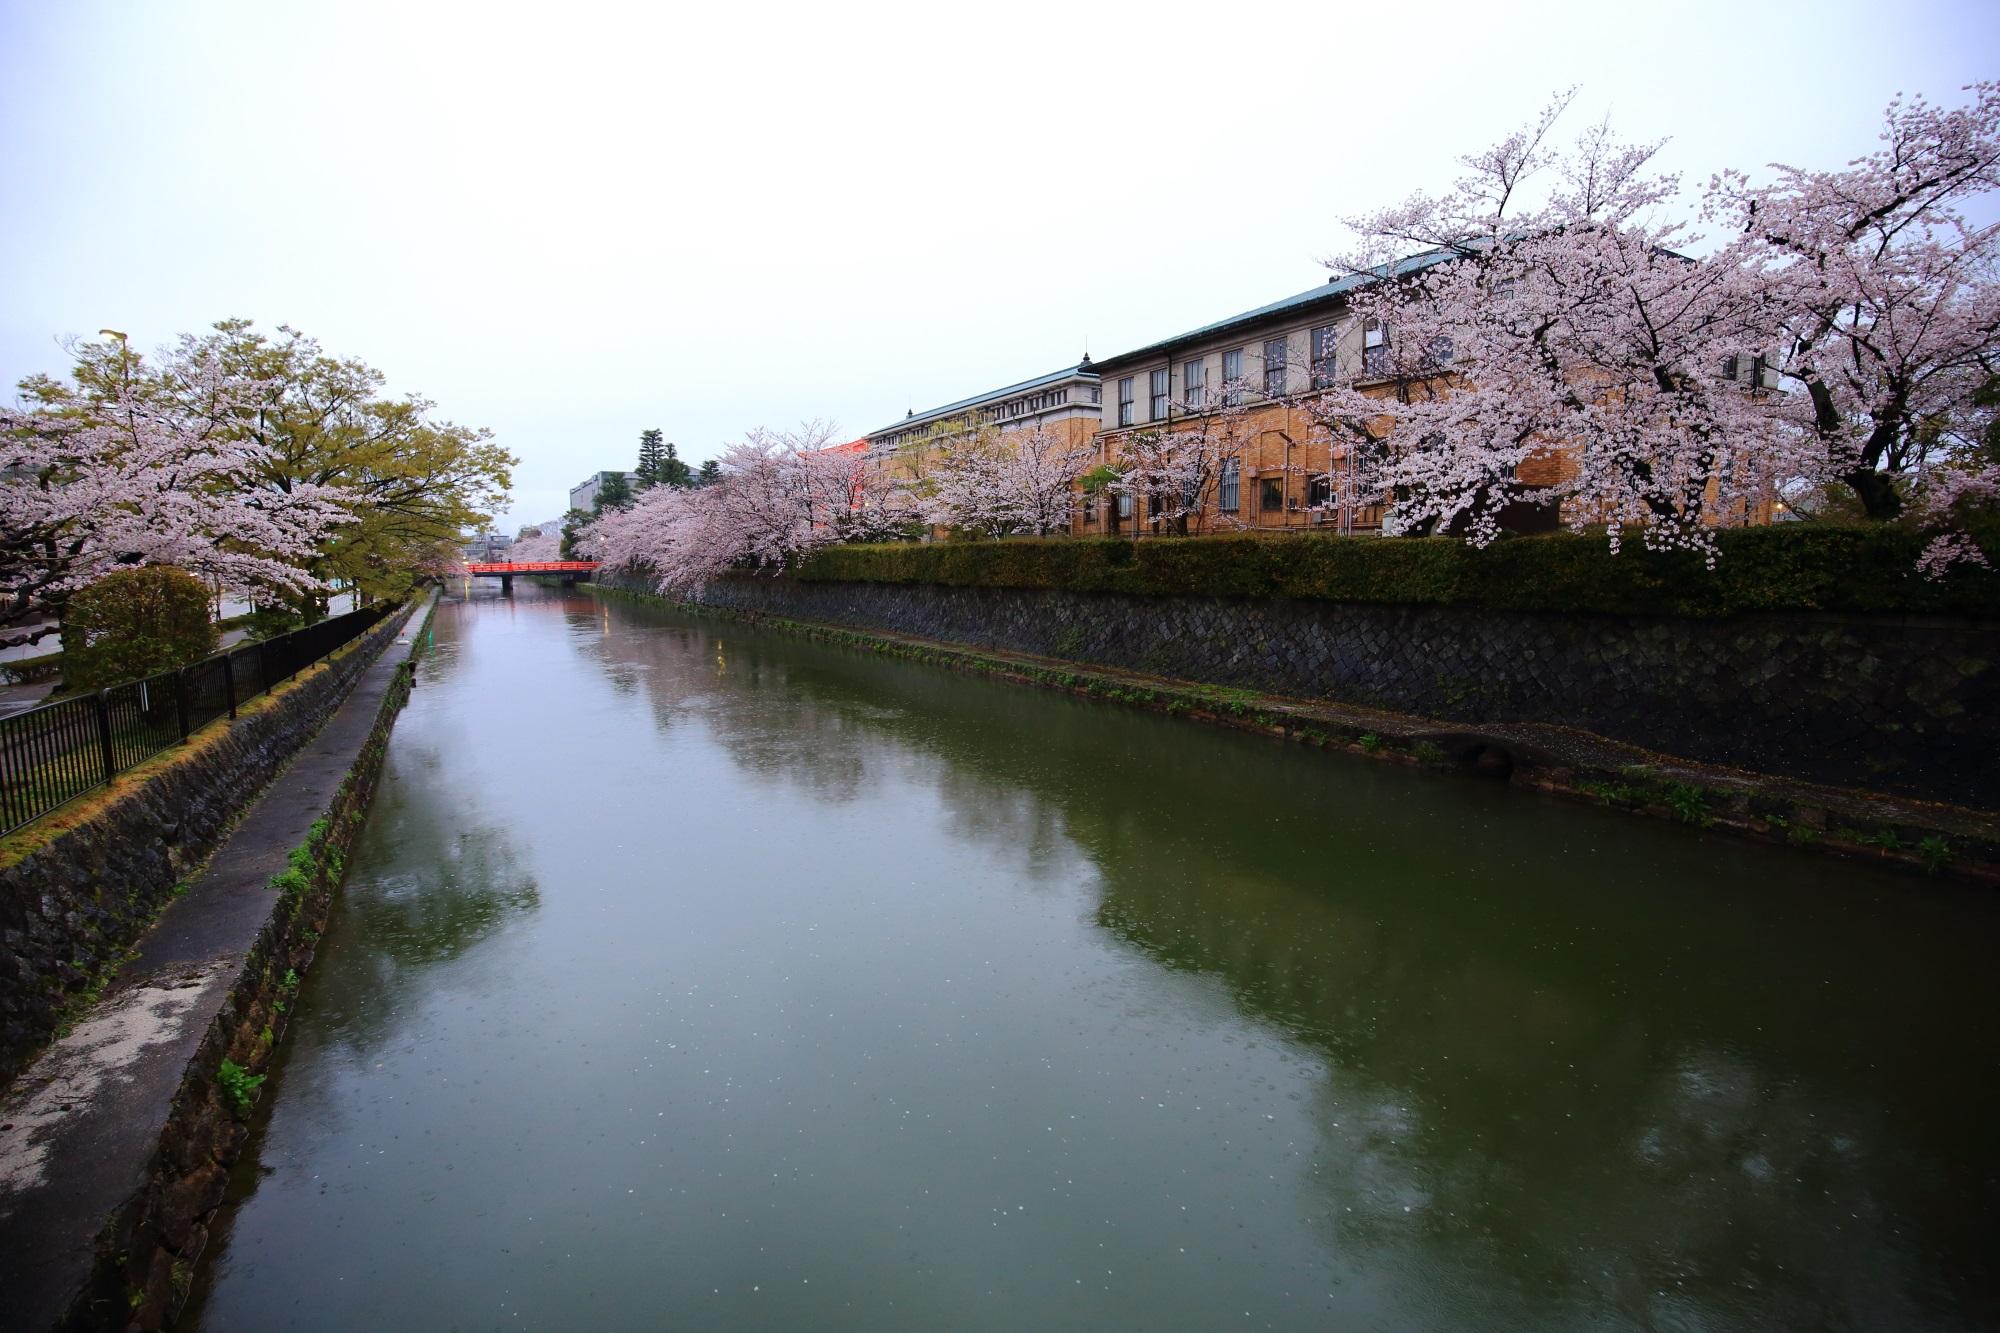 桜の名所の岡崎疏水の満開の桜